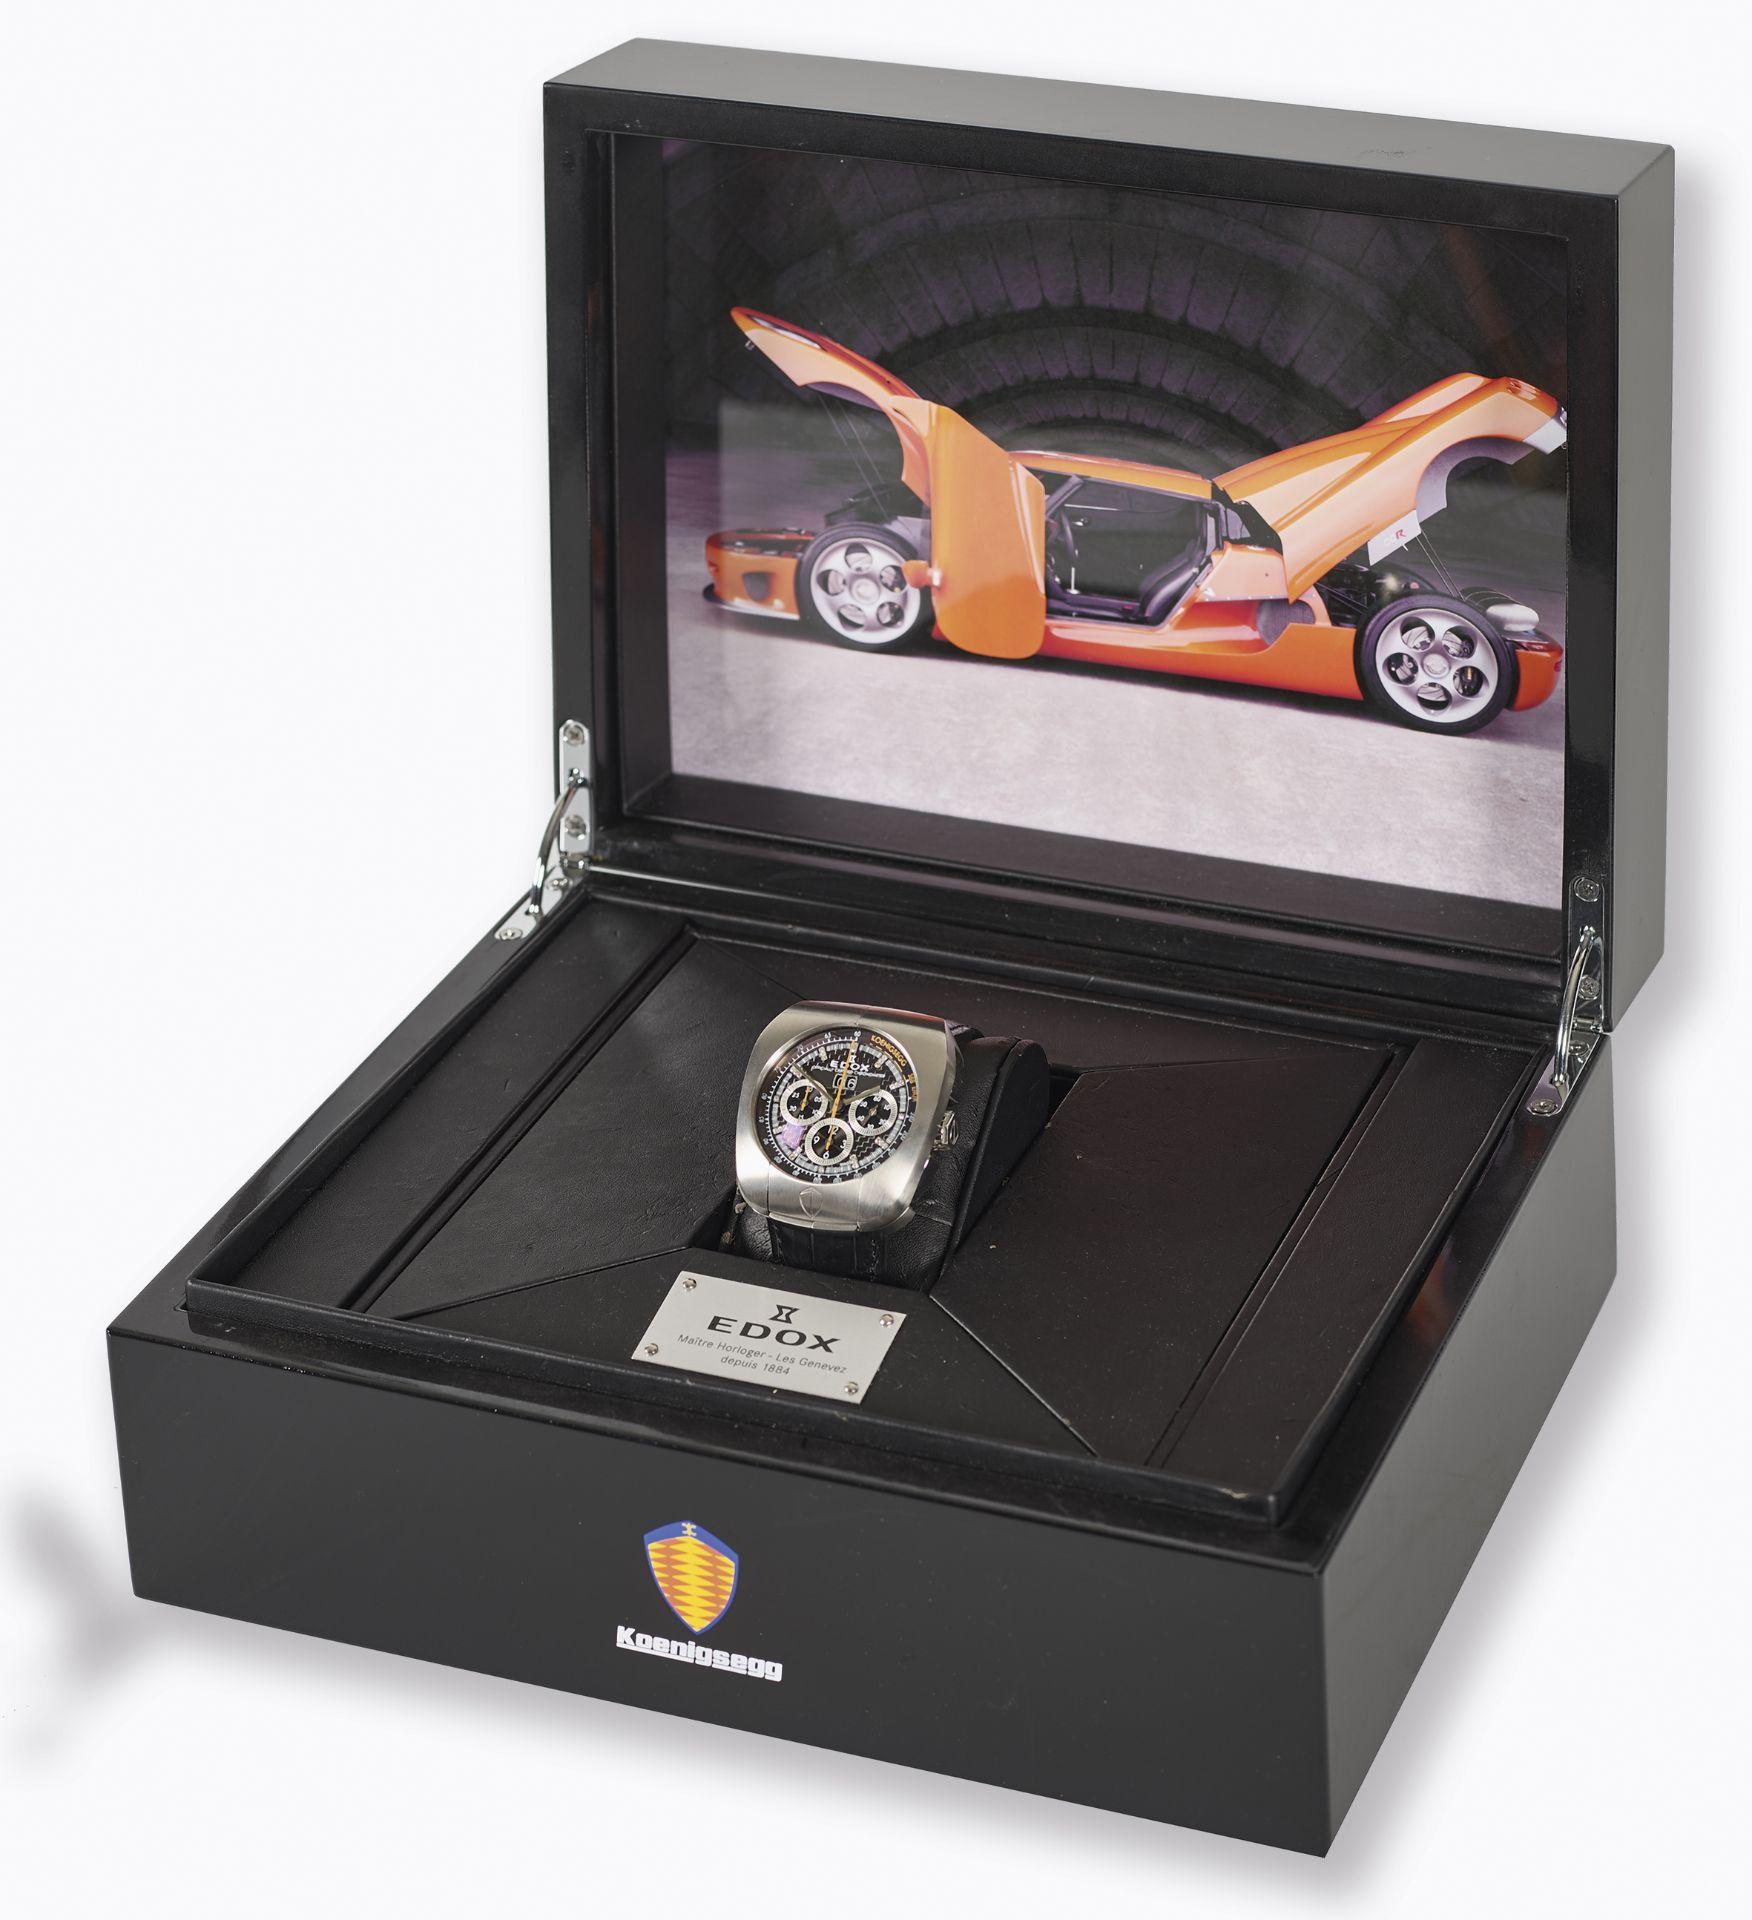 """EDOX: Herrenarmbanduhr """"Koenigsegg Titan Chronometer"""". - Image 2 of 3"""